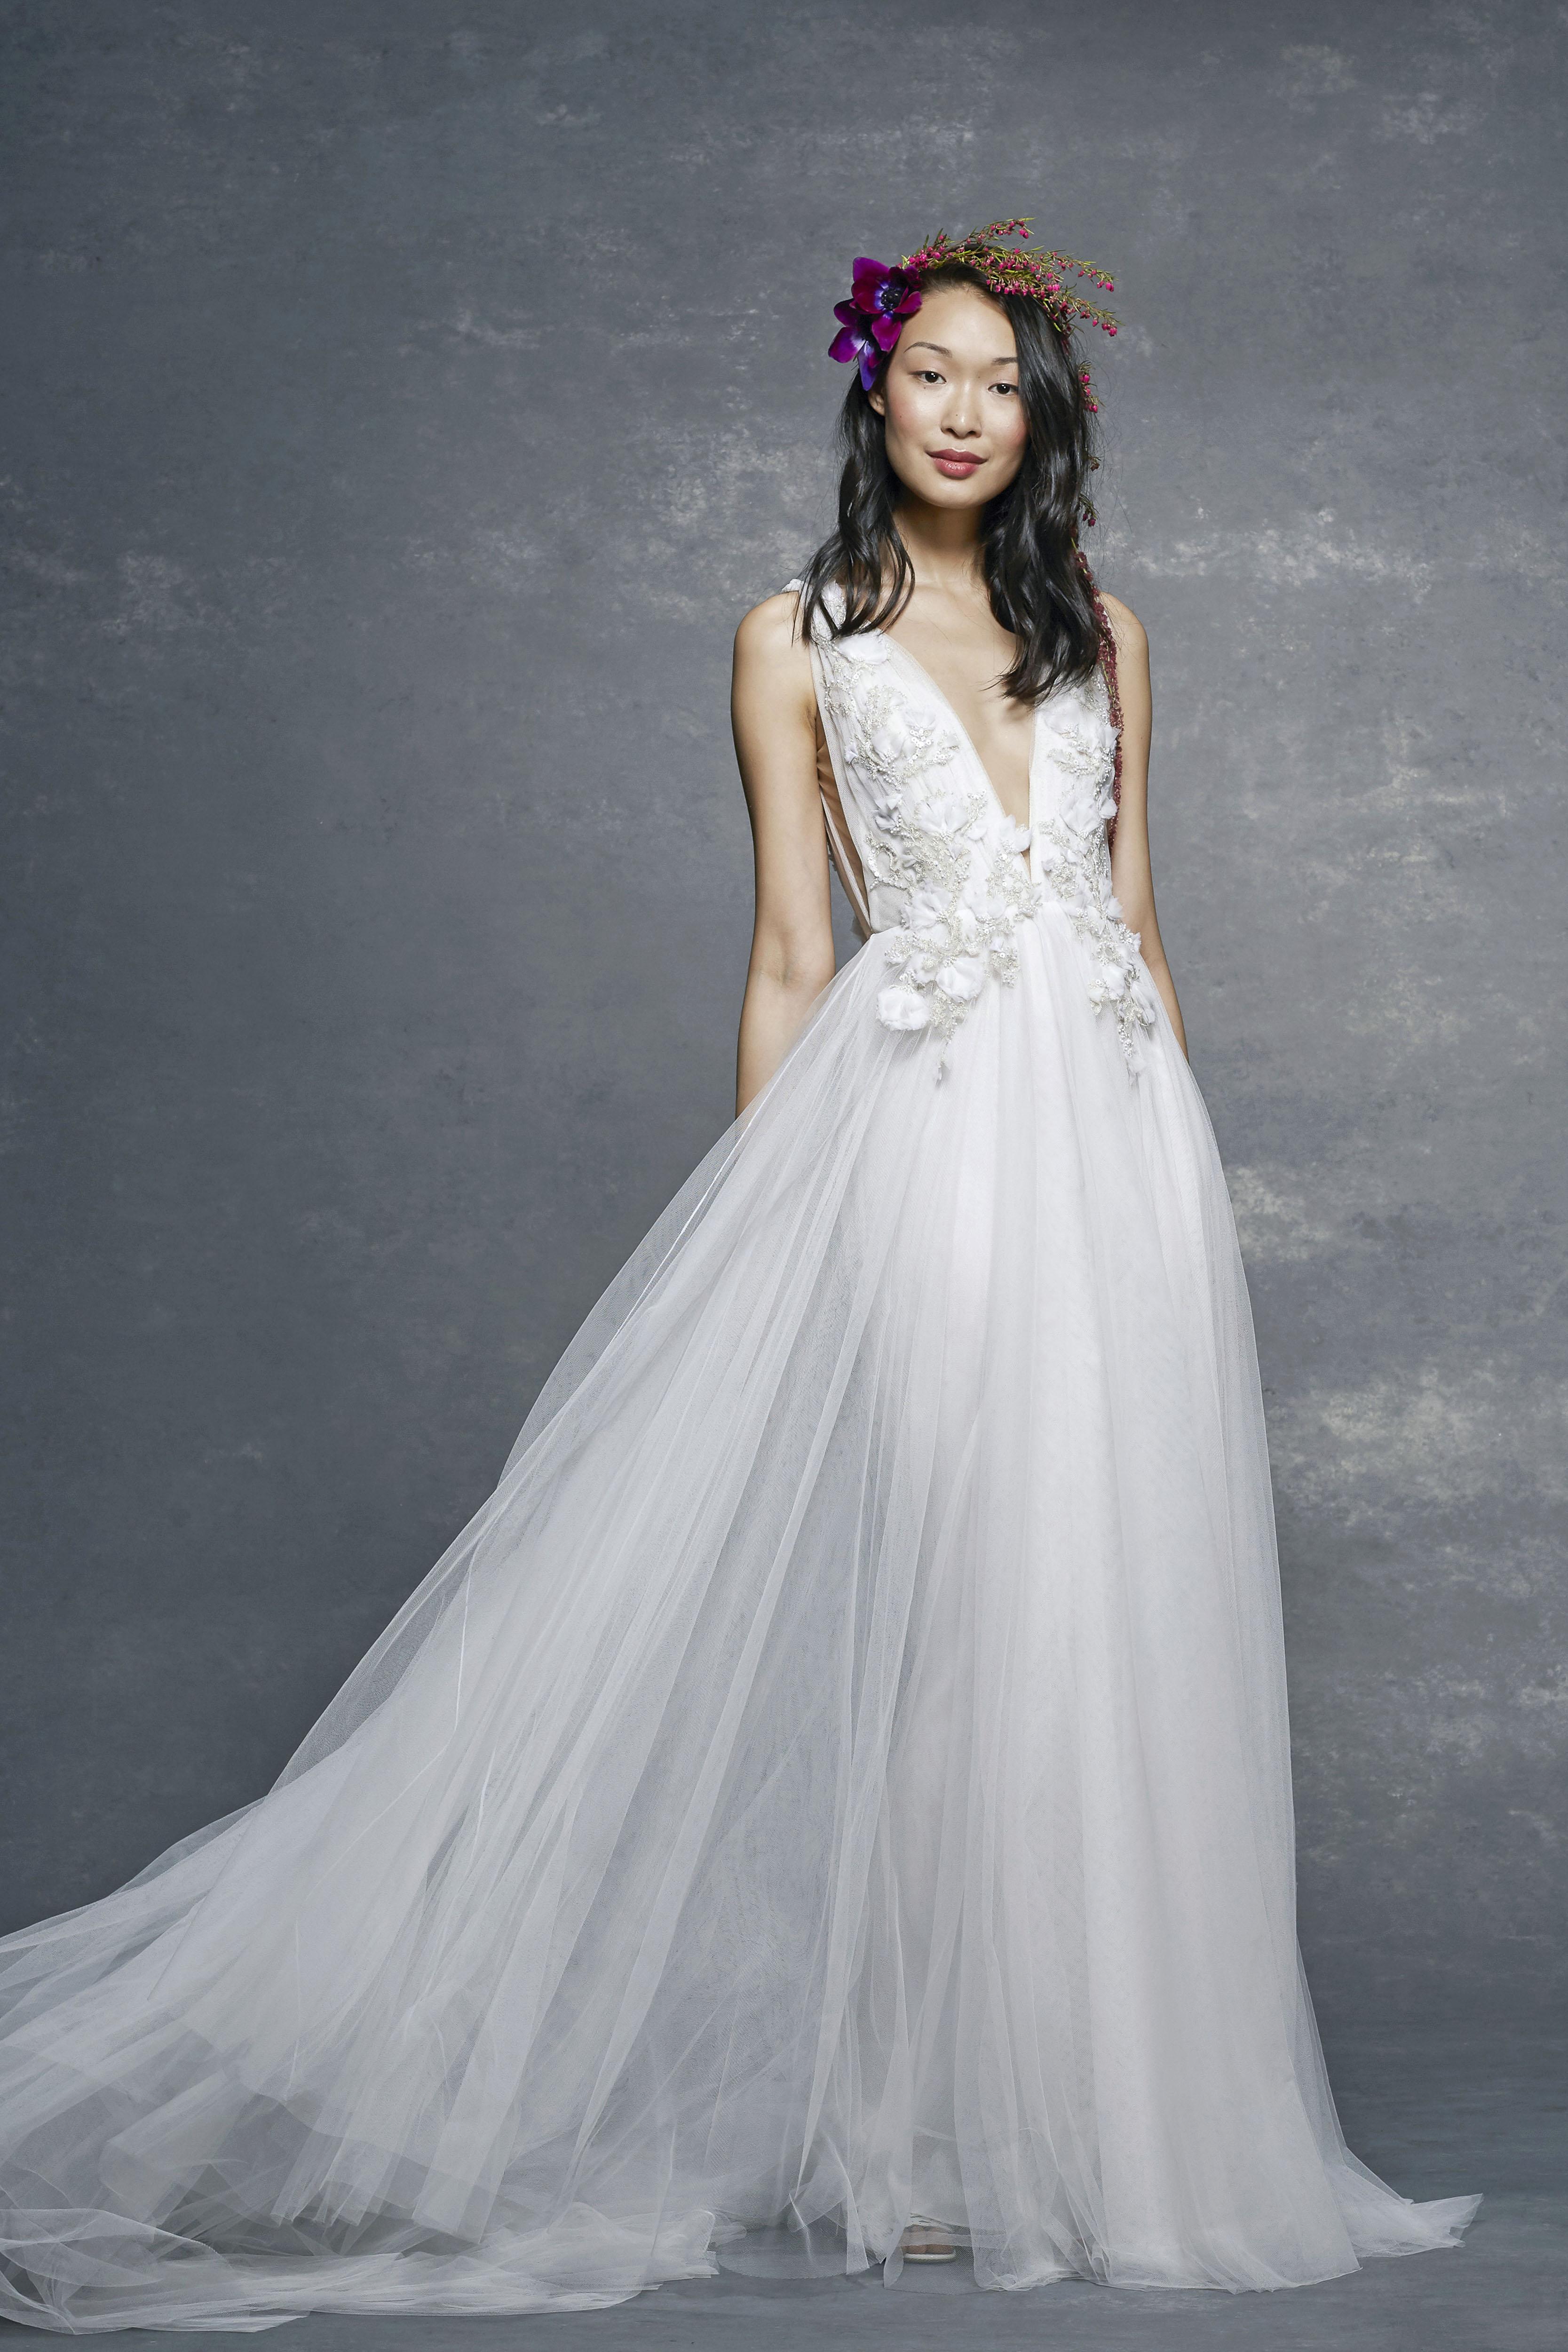 marchesa notte bridal wedding dress deep v-neck ball gown